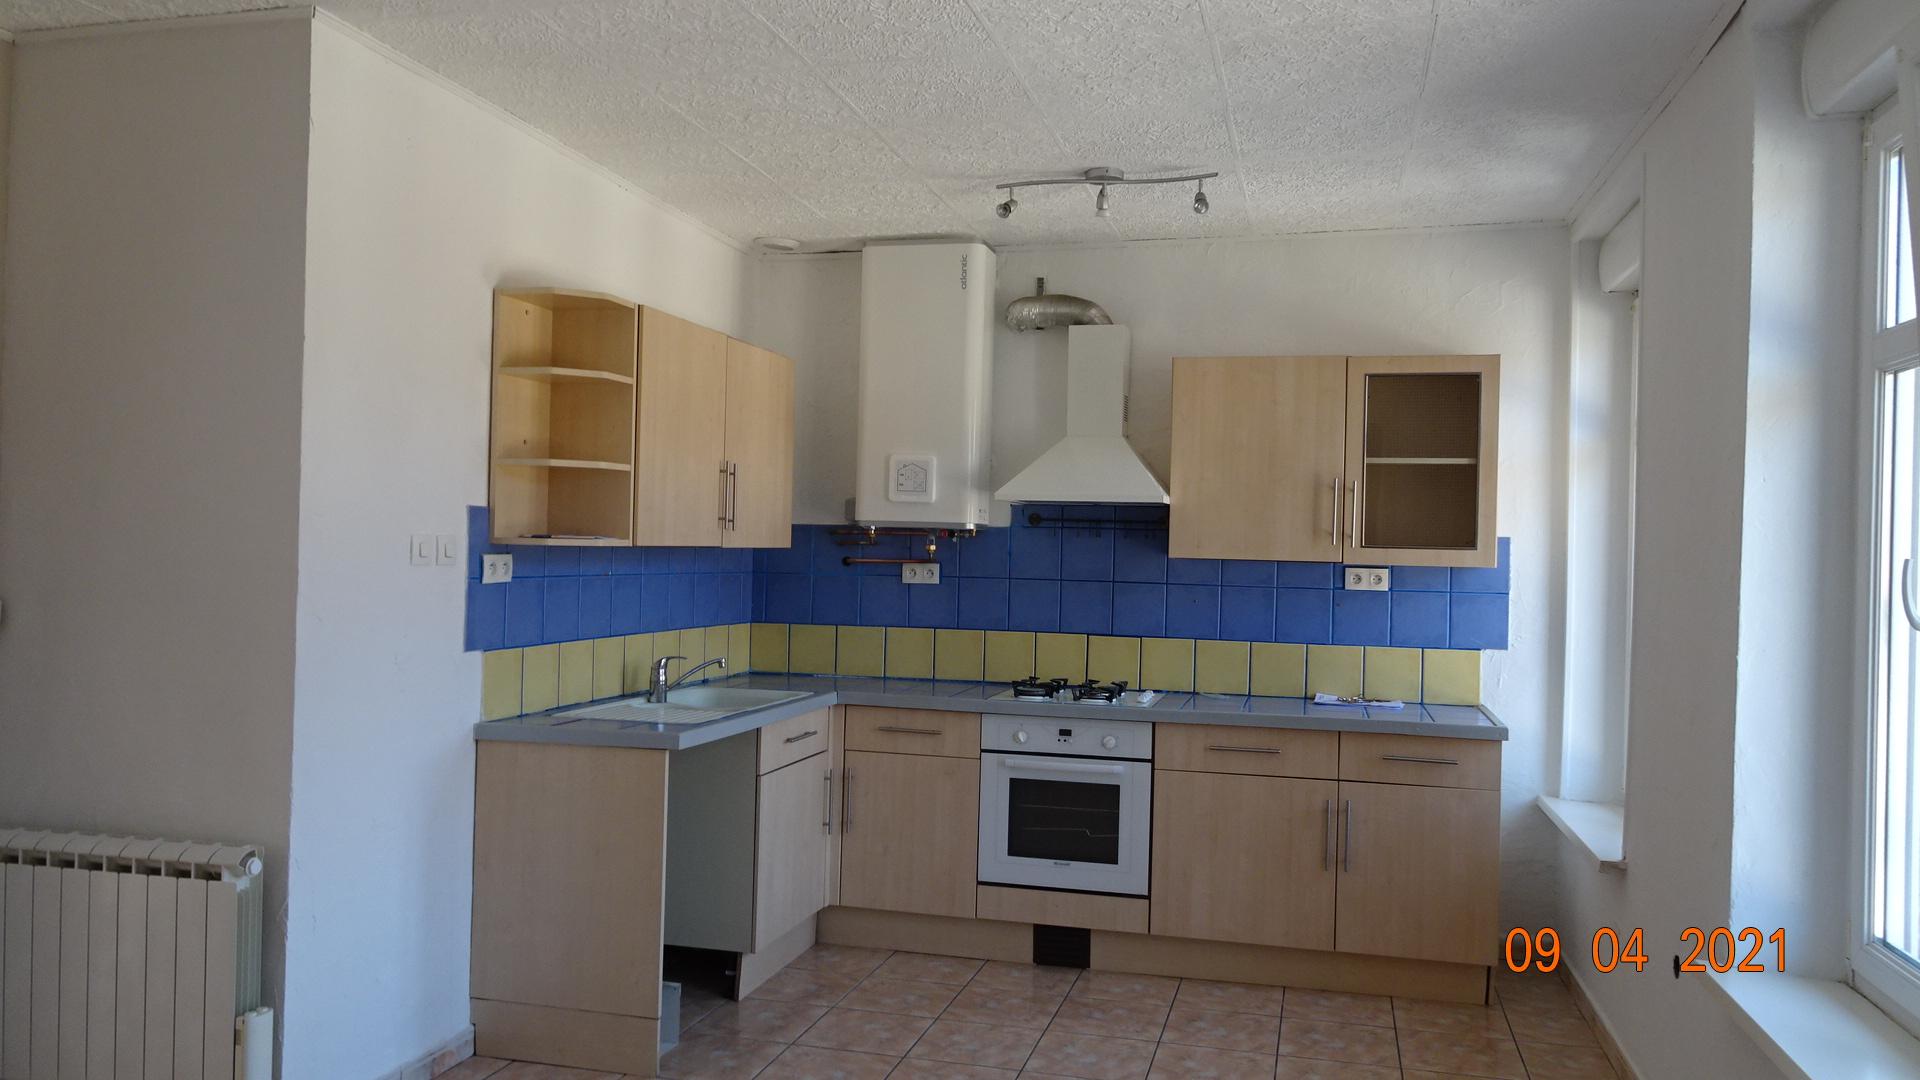 Appartement à pagny-sur-moselle |  87 000 €